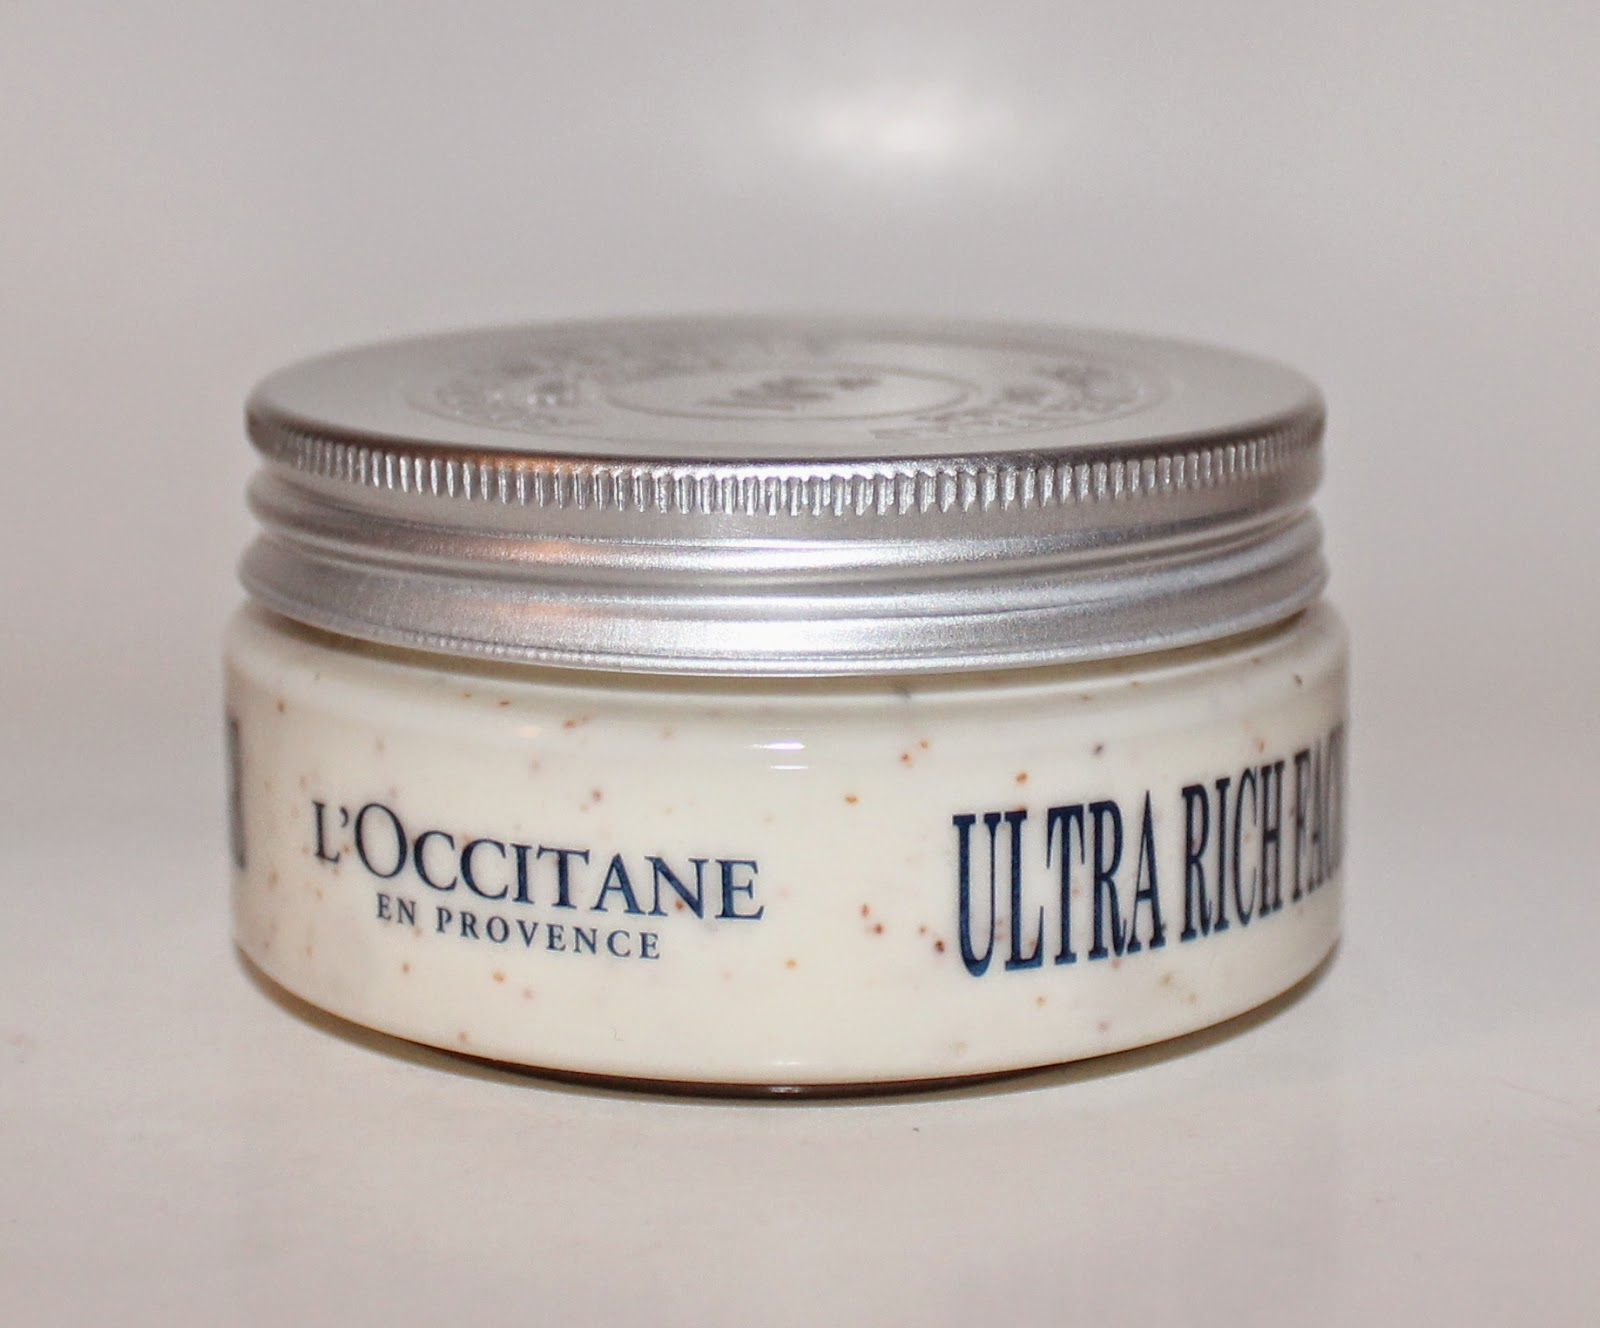 L'Occitane Shea Ultra Rich Face Scrub